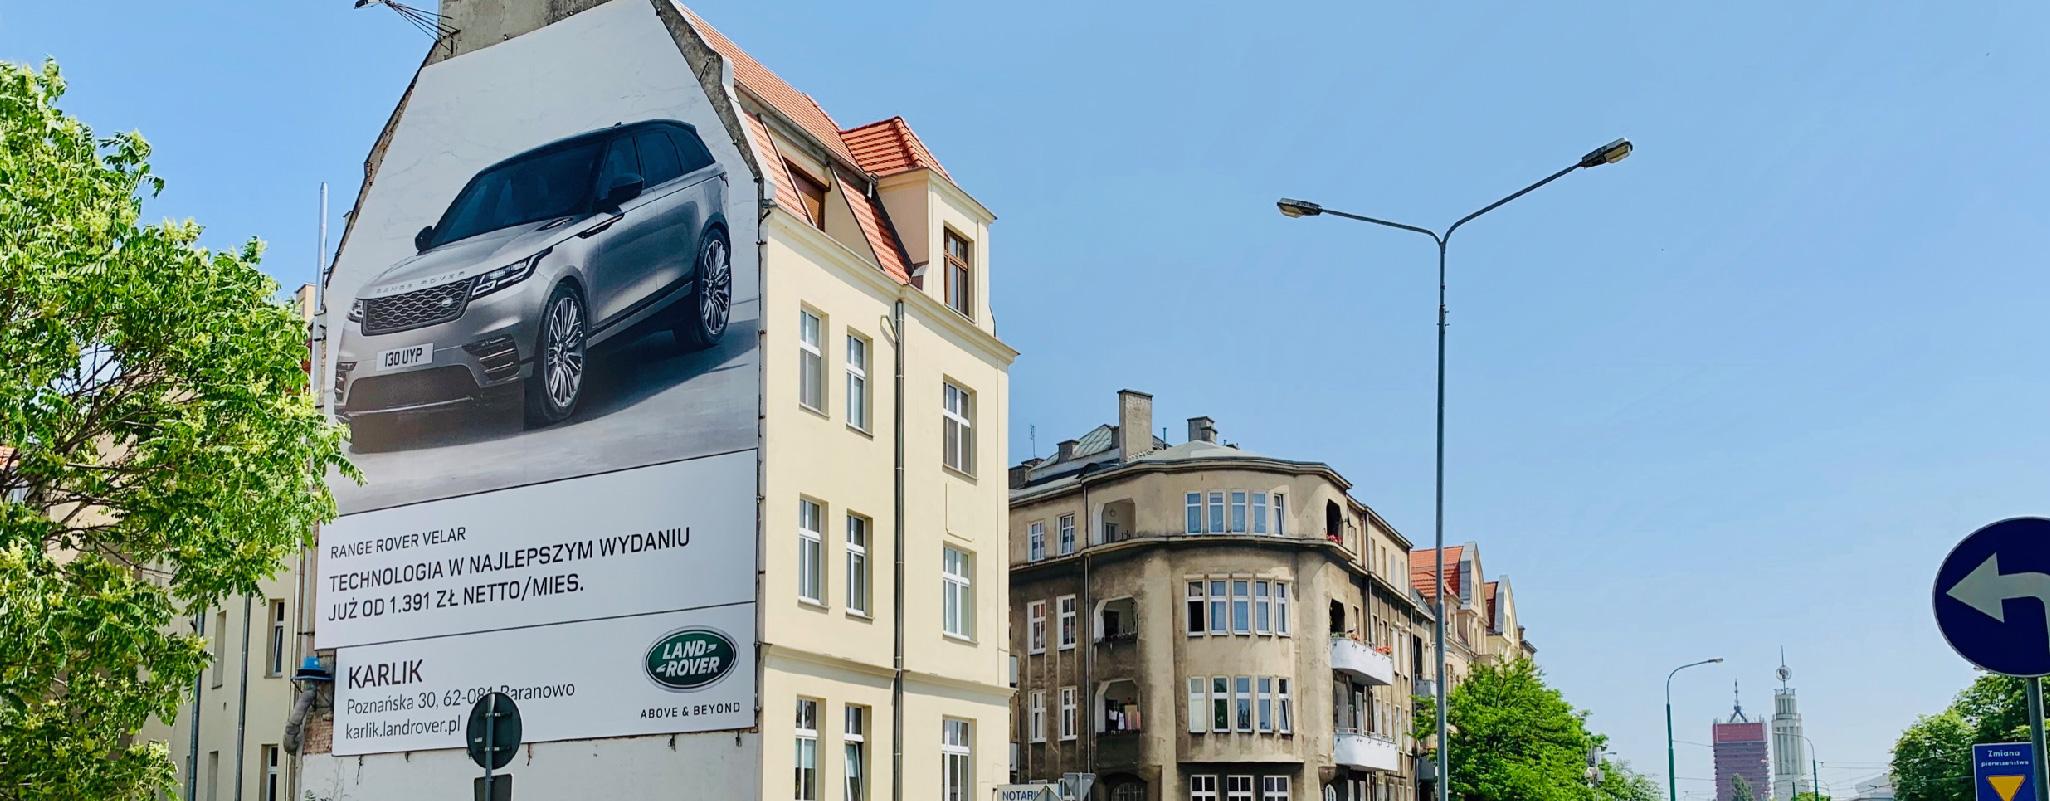 Oświetlona powierzchnia reklamowa Zeylanda Karlik